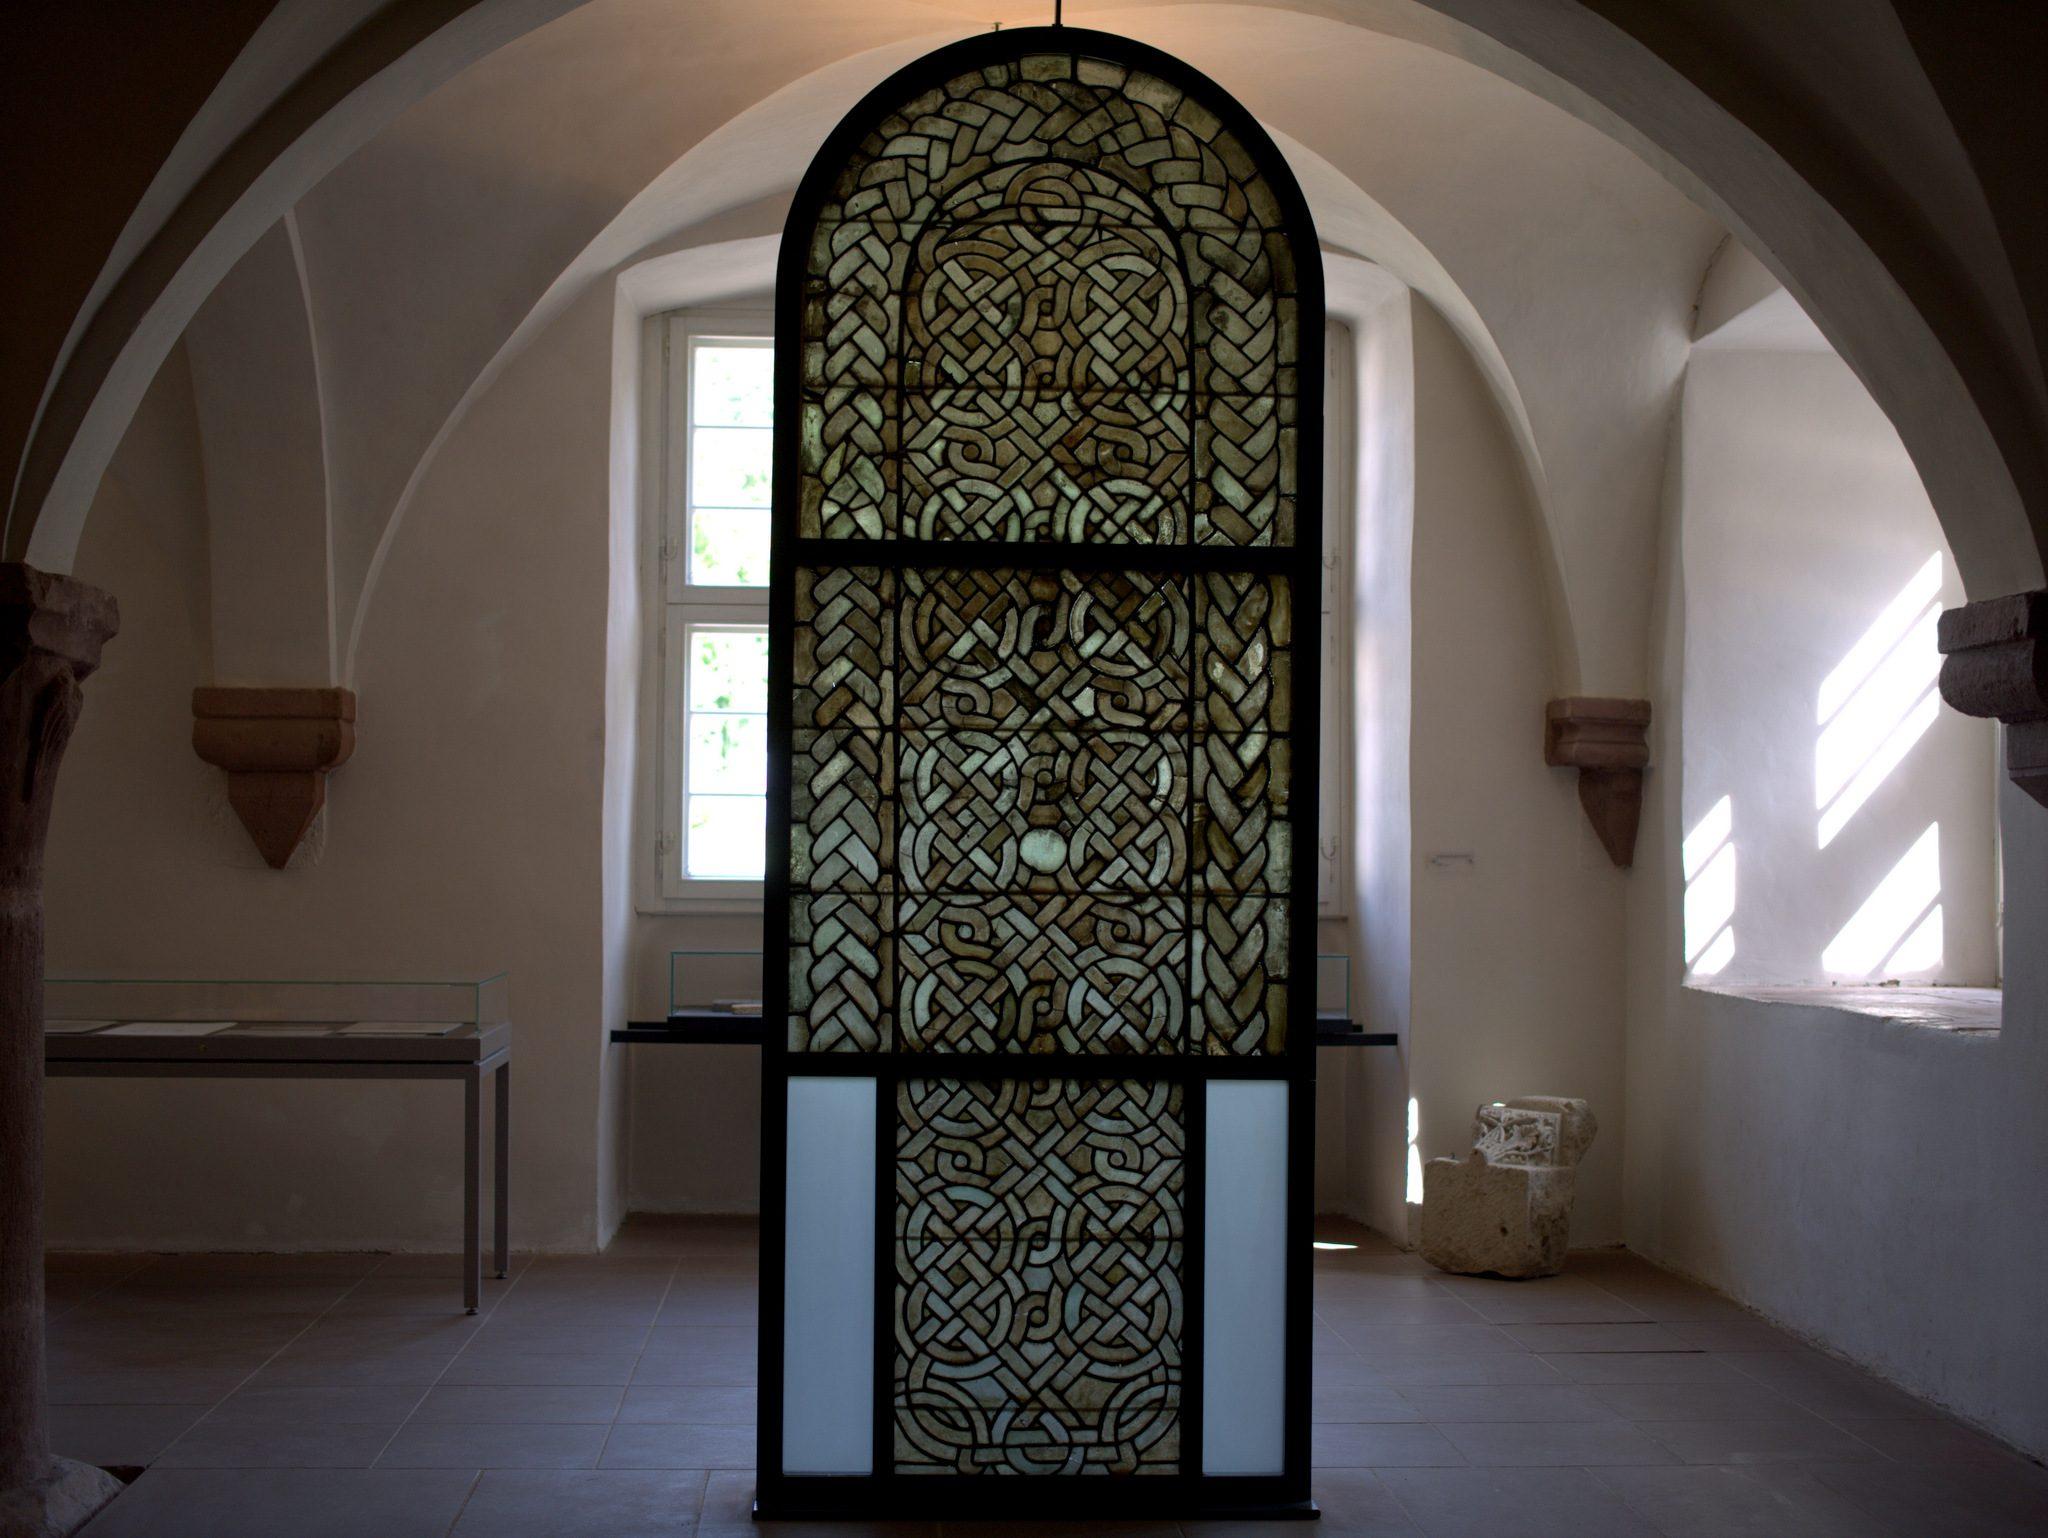 Ein Flechtbandfenster (Grisaille) von 1180. Es verzichtet explizit auf Farben und Figuren.